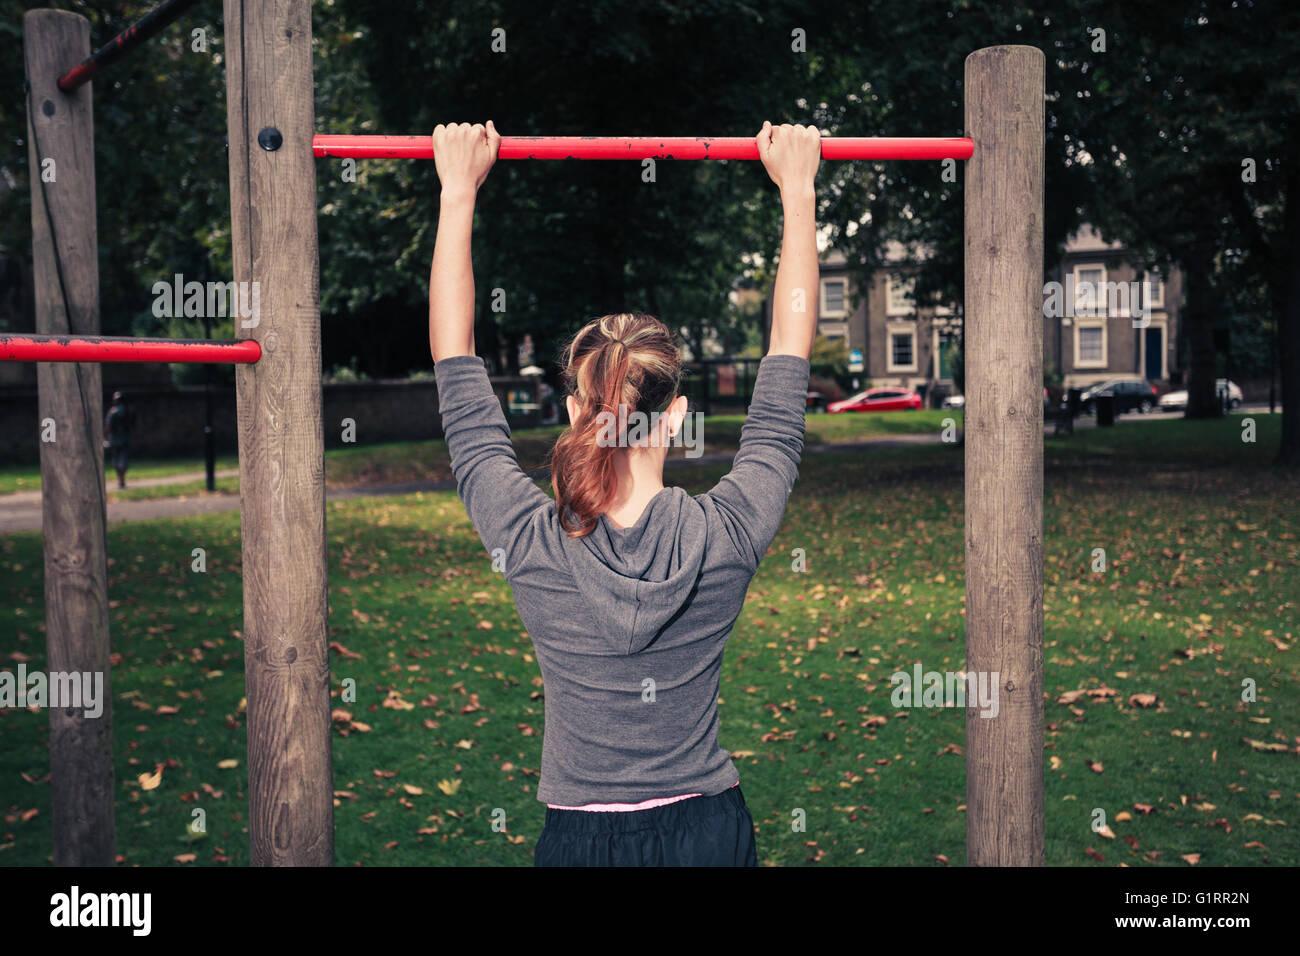 Una giovane donna sta facendo pullups nel parco Immagini Stock